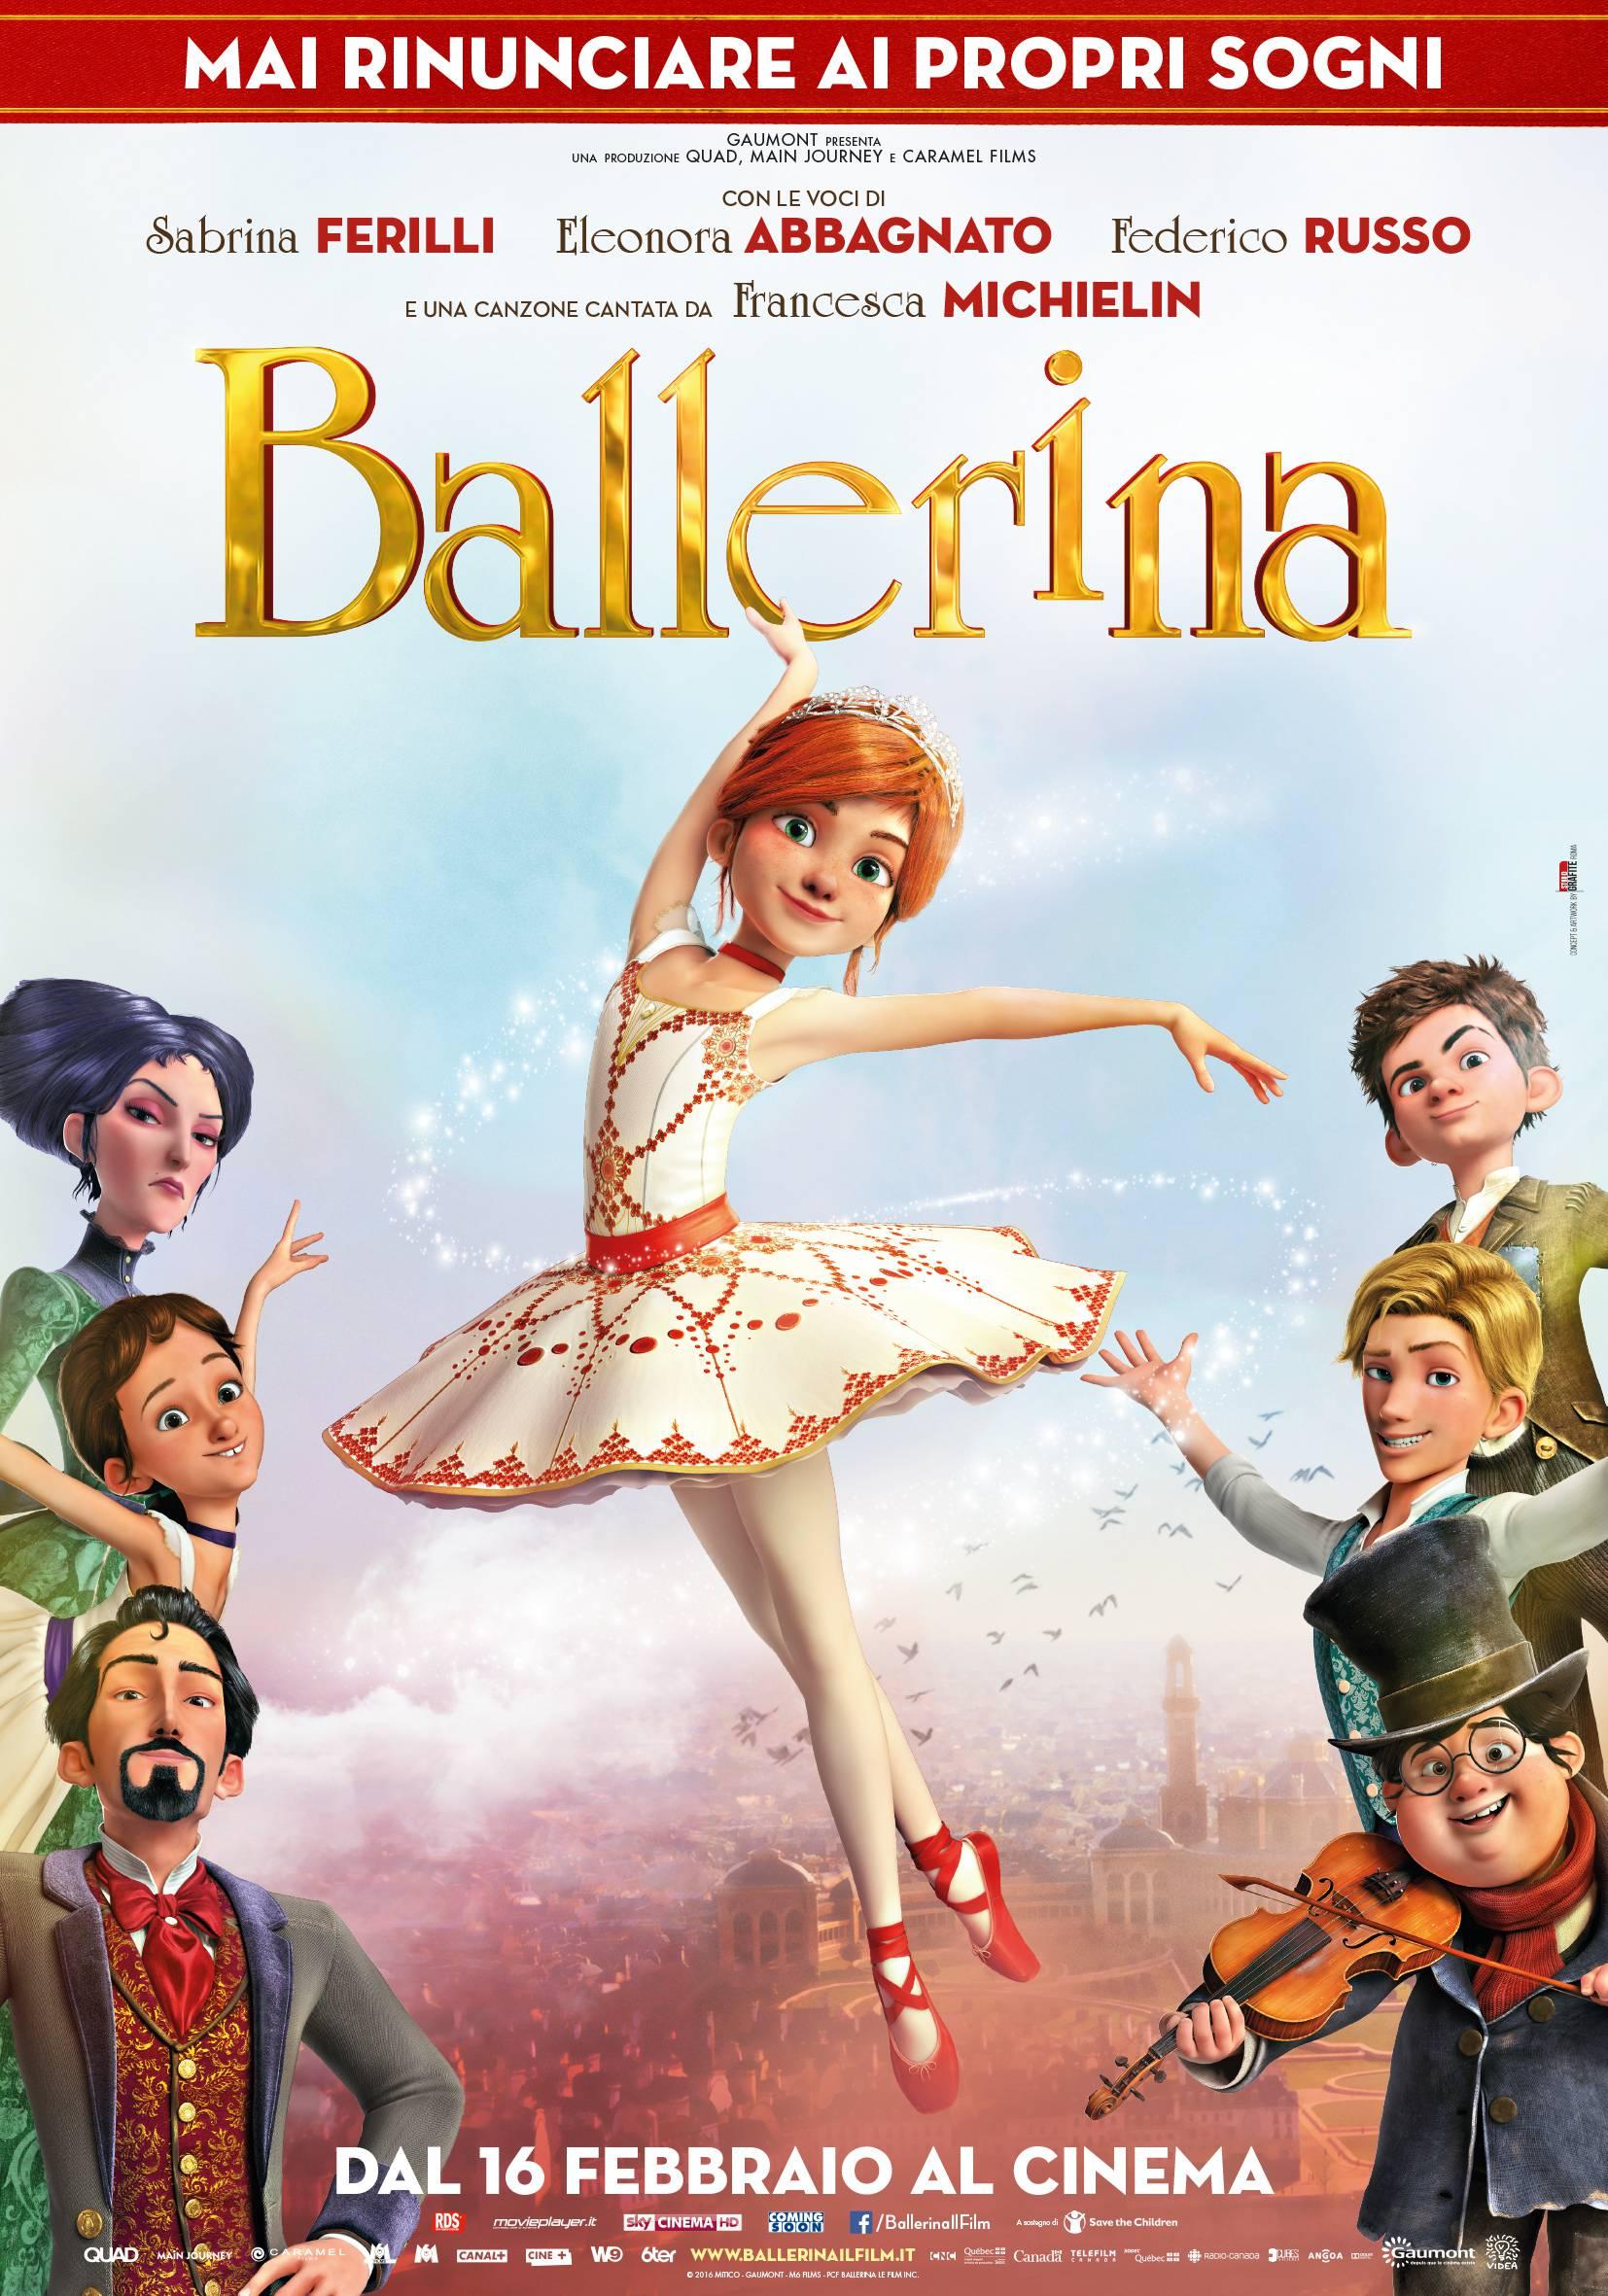 Quot ballerina il film d animazione dedicato alla danza che